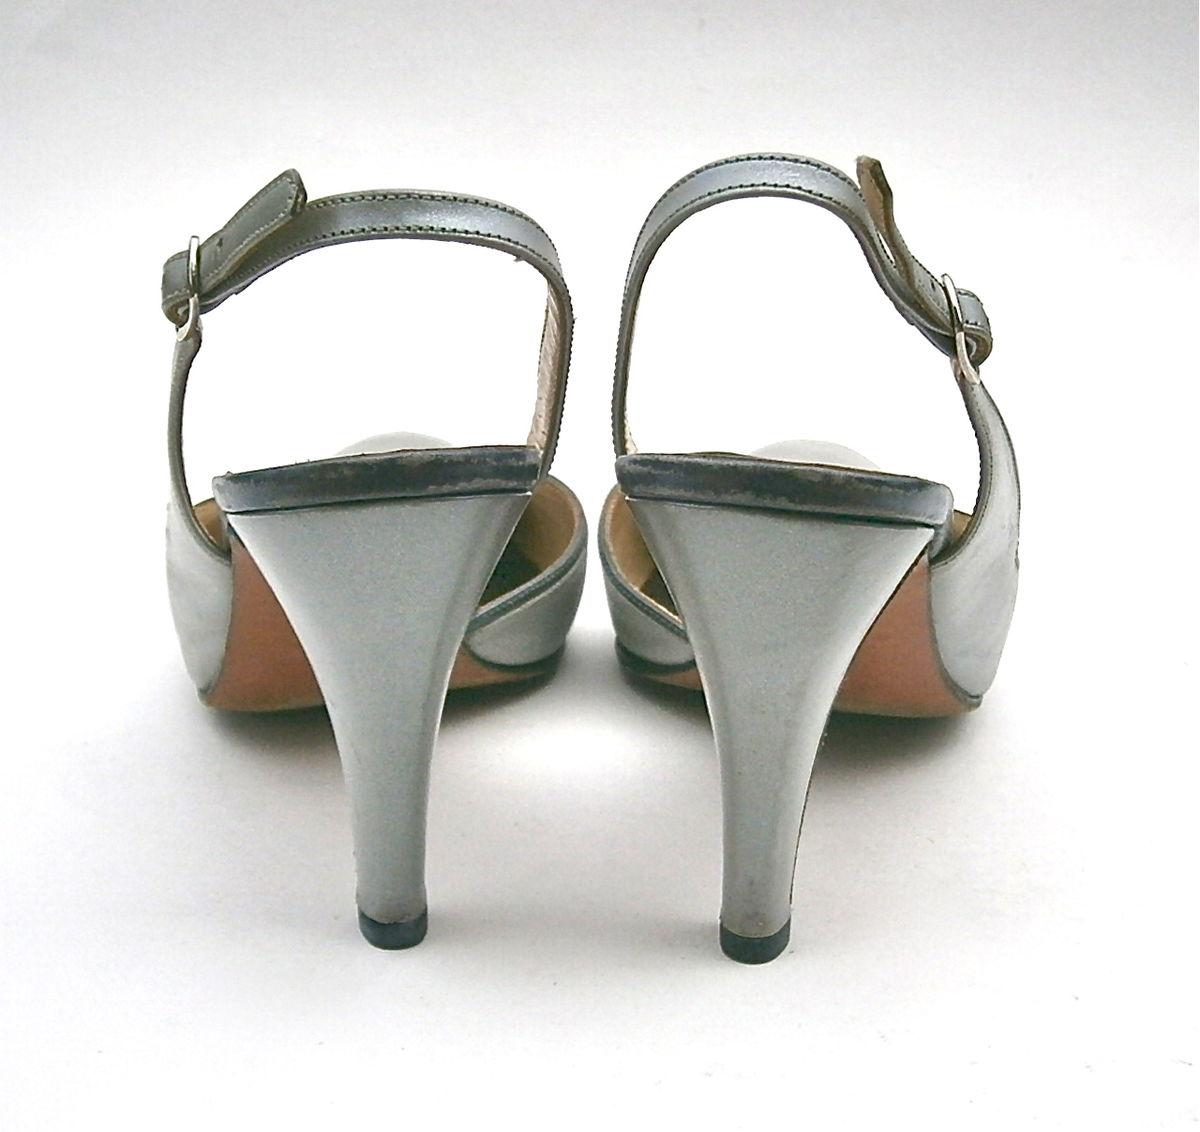 c21c21405da18 Vintage Gray Ladies Shoes High Heels Pumps Slingback Women Size 5 ...